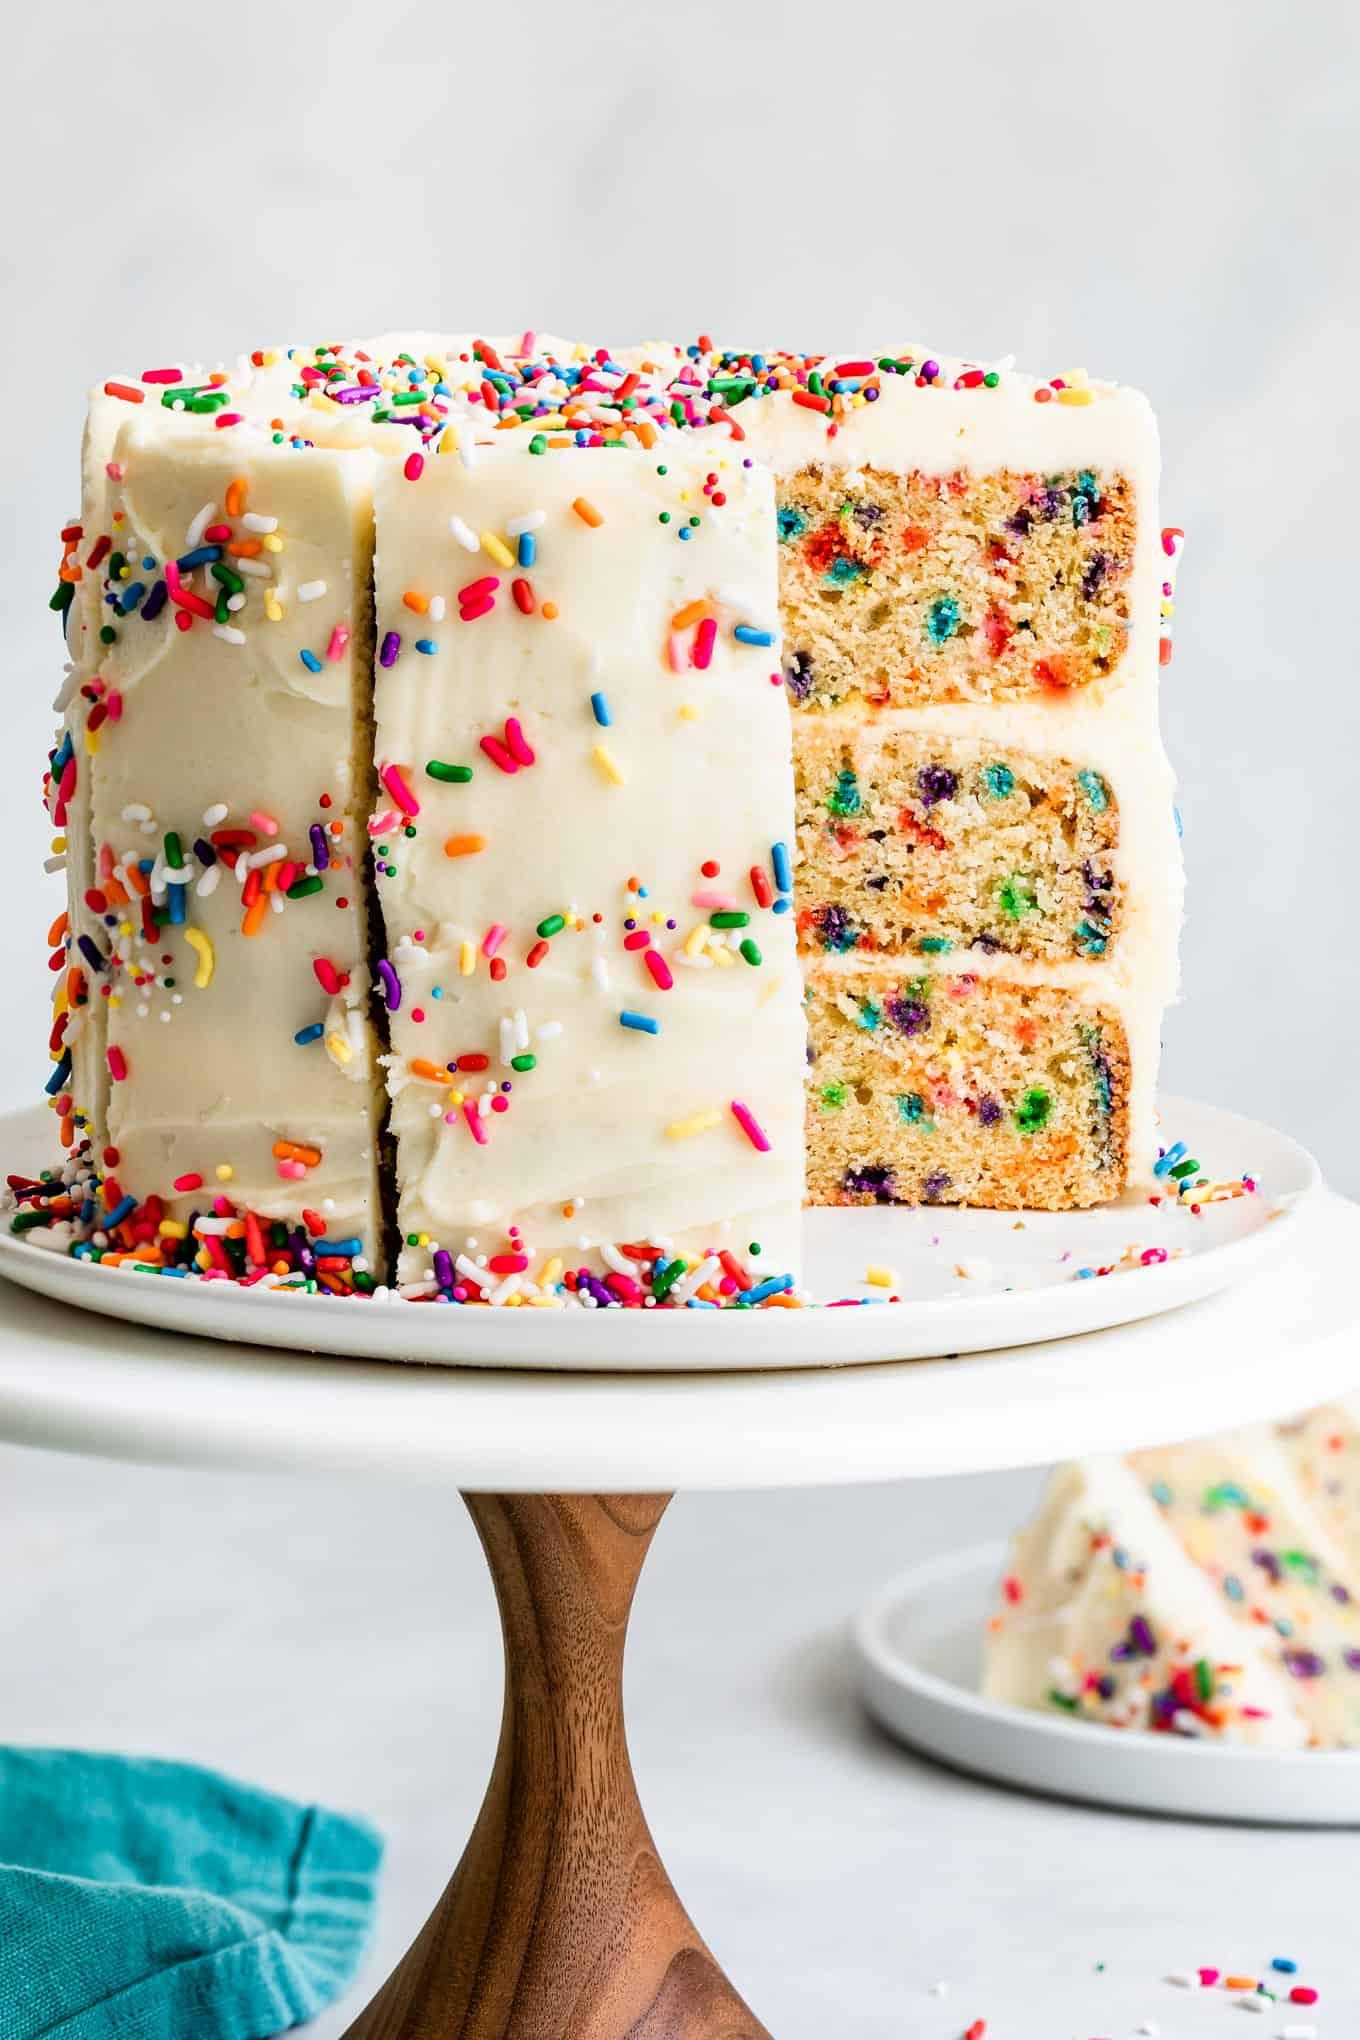 Vanilla Buttercream on Gluten-Free Birthday Cake